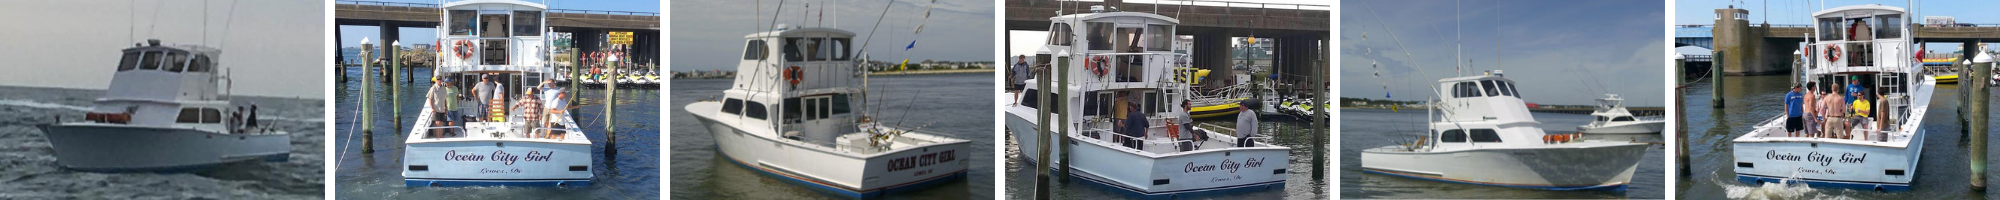 OC Girl Boat